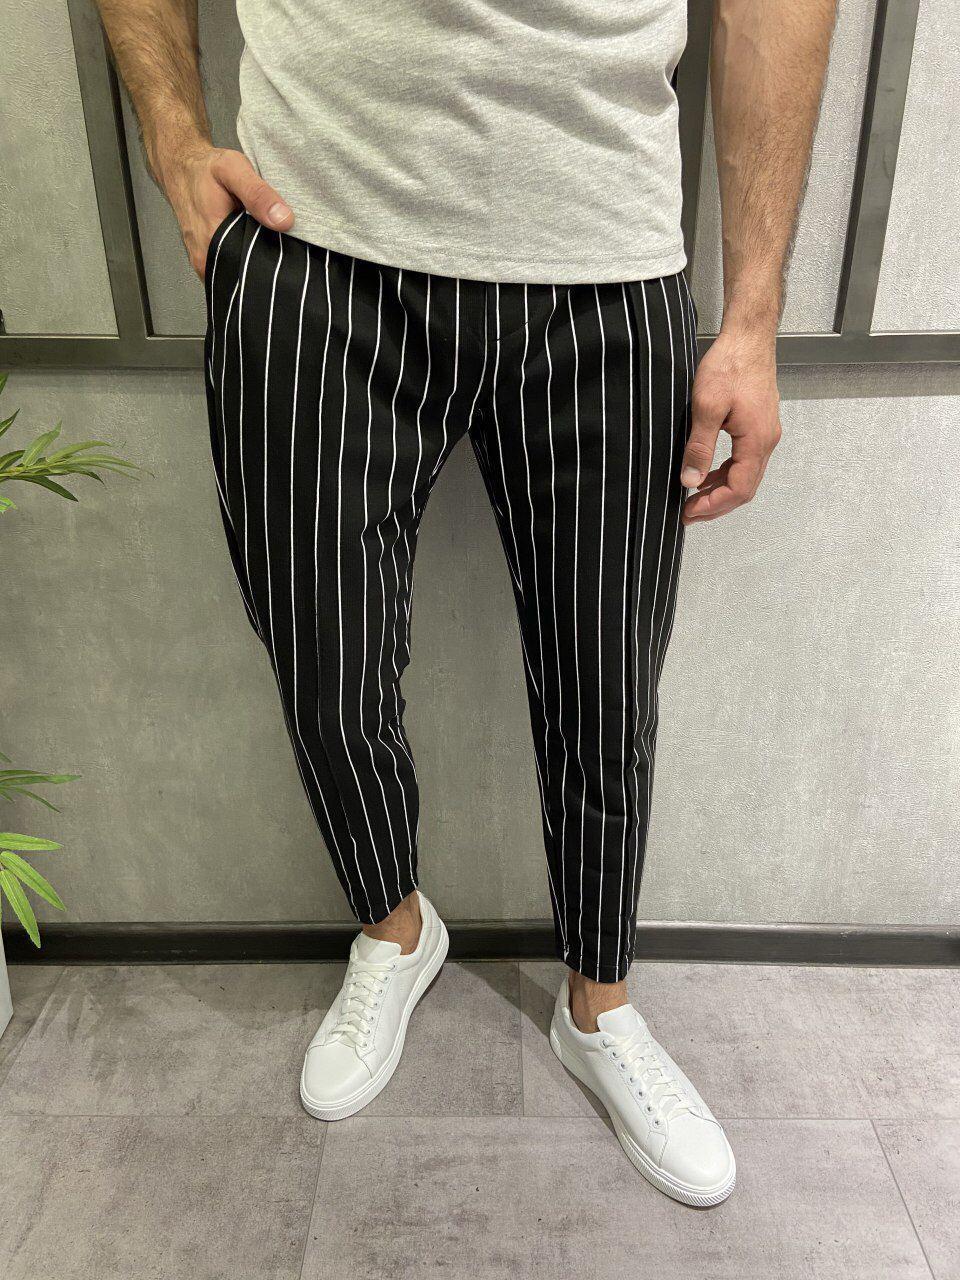 Чоловічі штани чорні в білу смужку